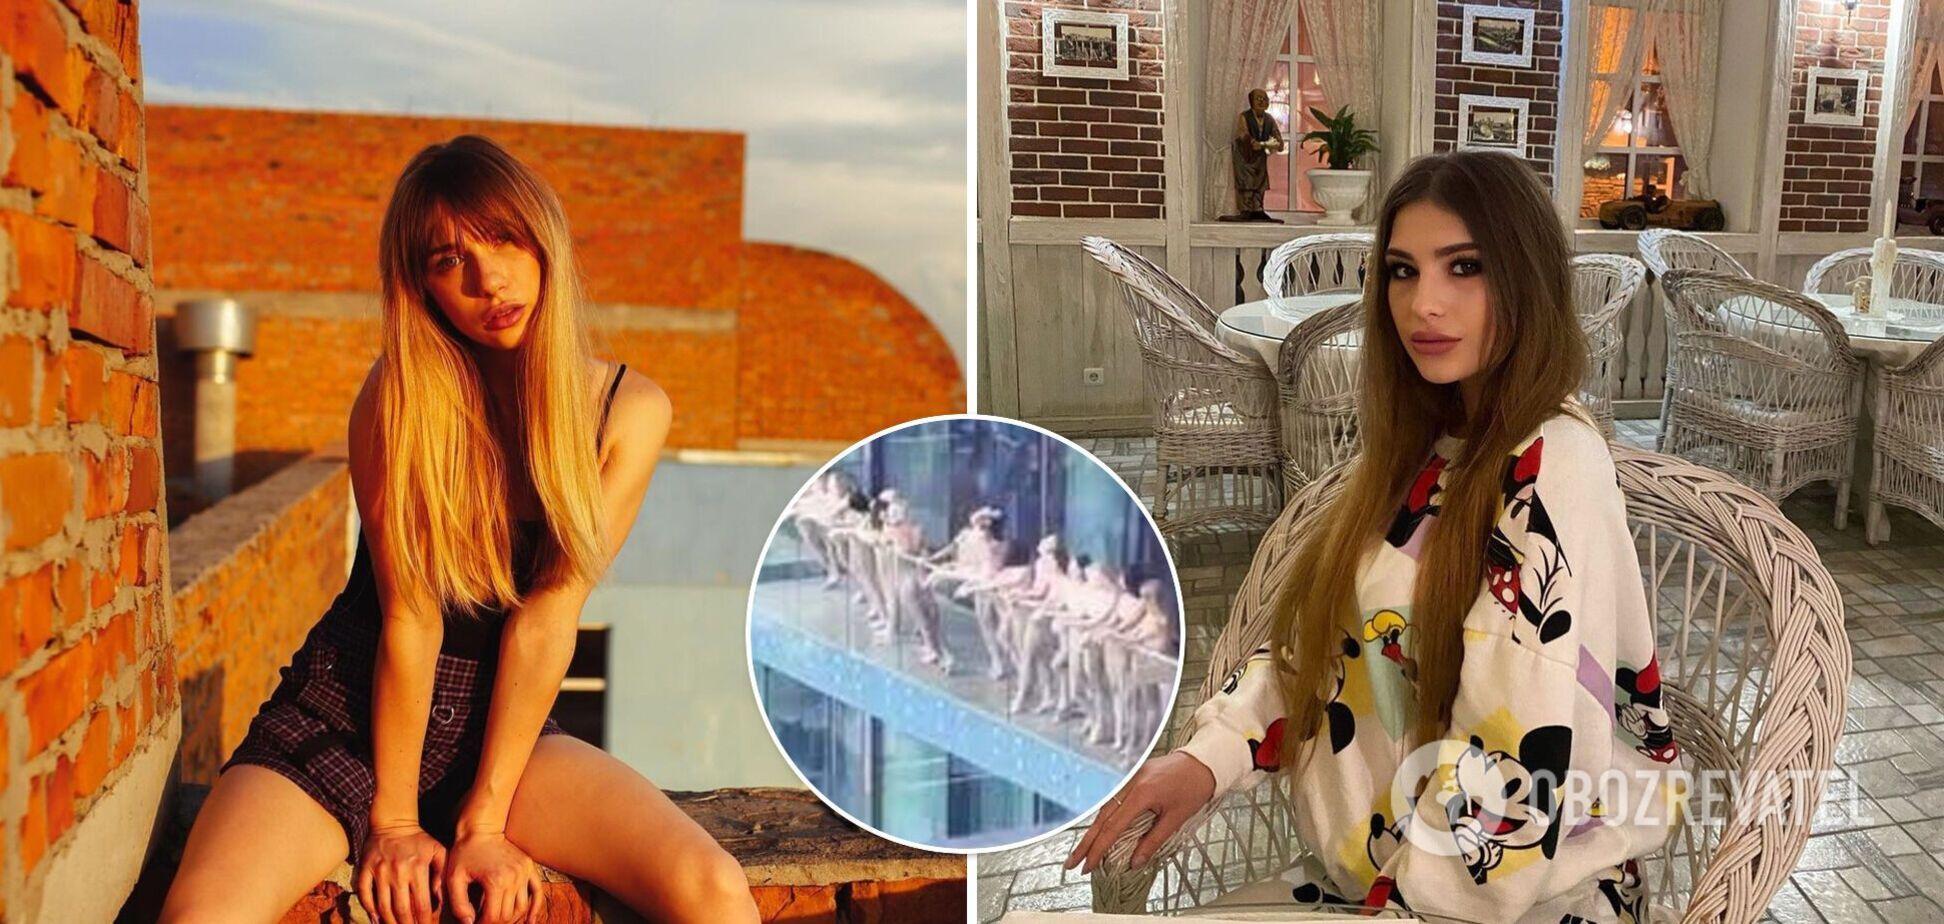 Стало известно, что в Дубае остались две украинки из-за голой фотосессии